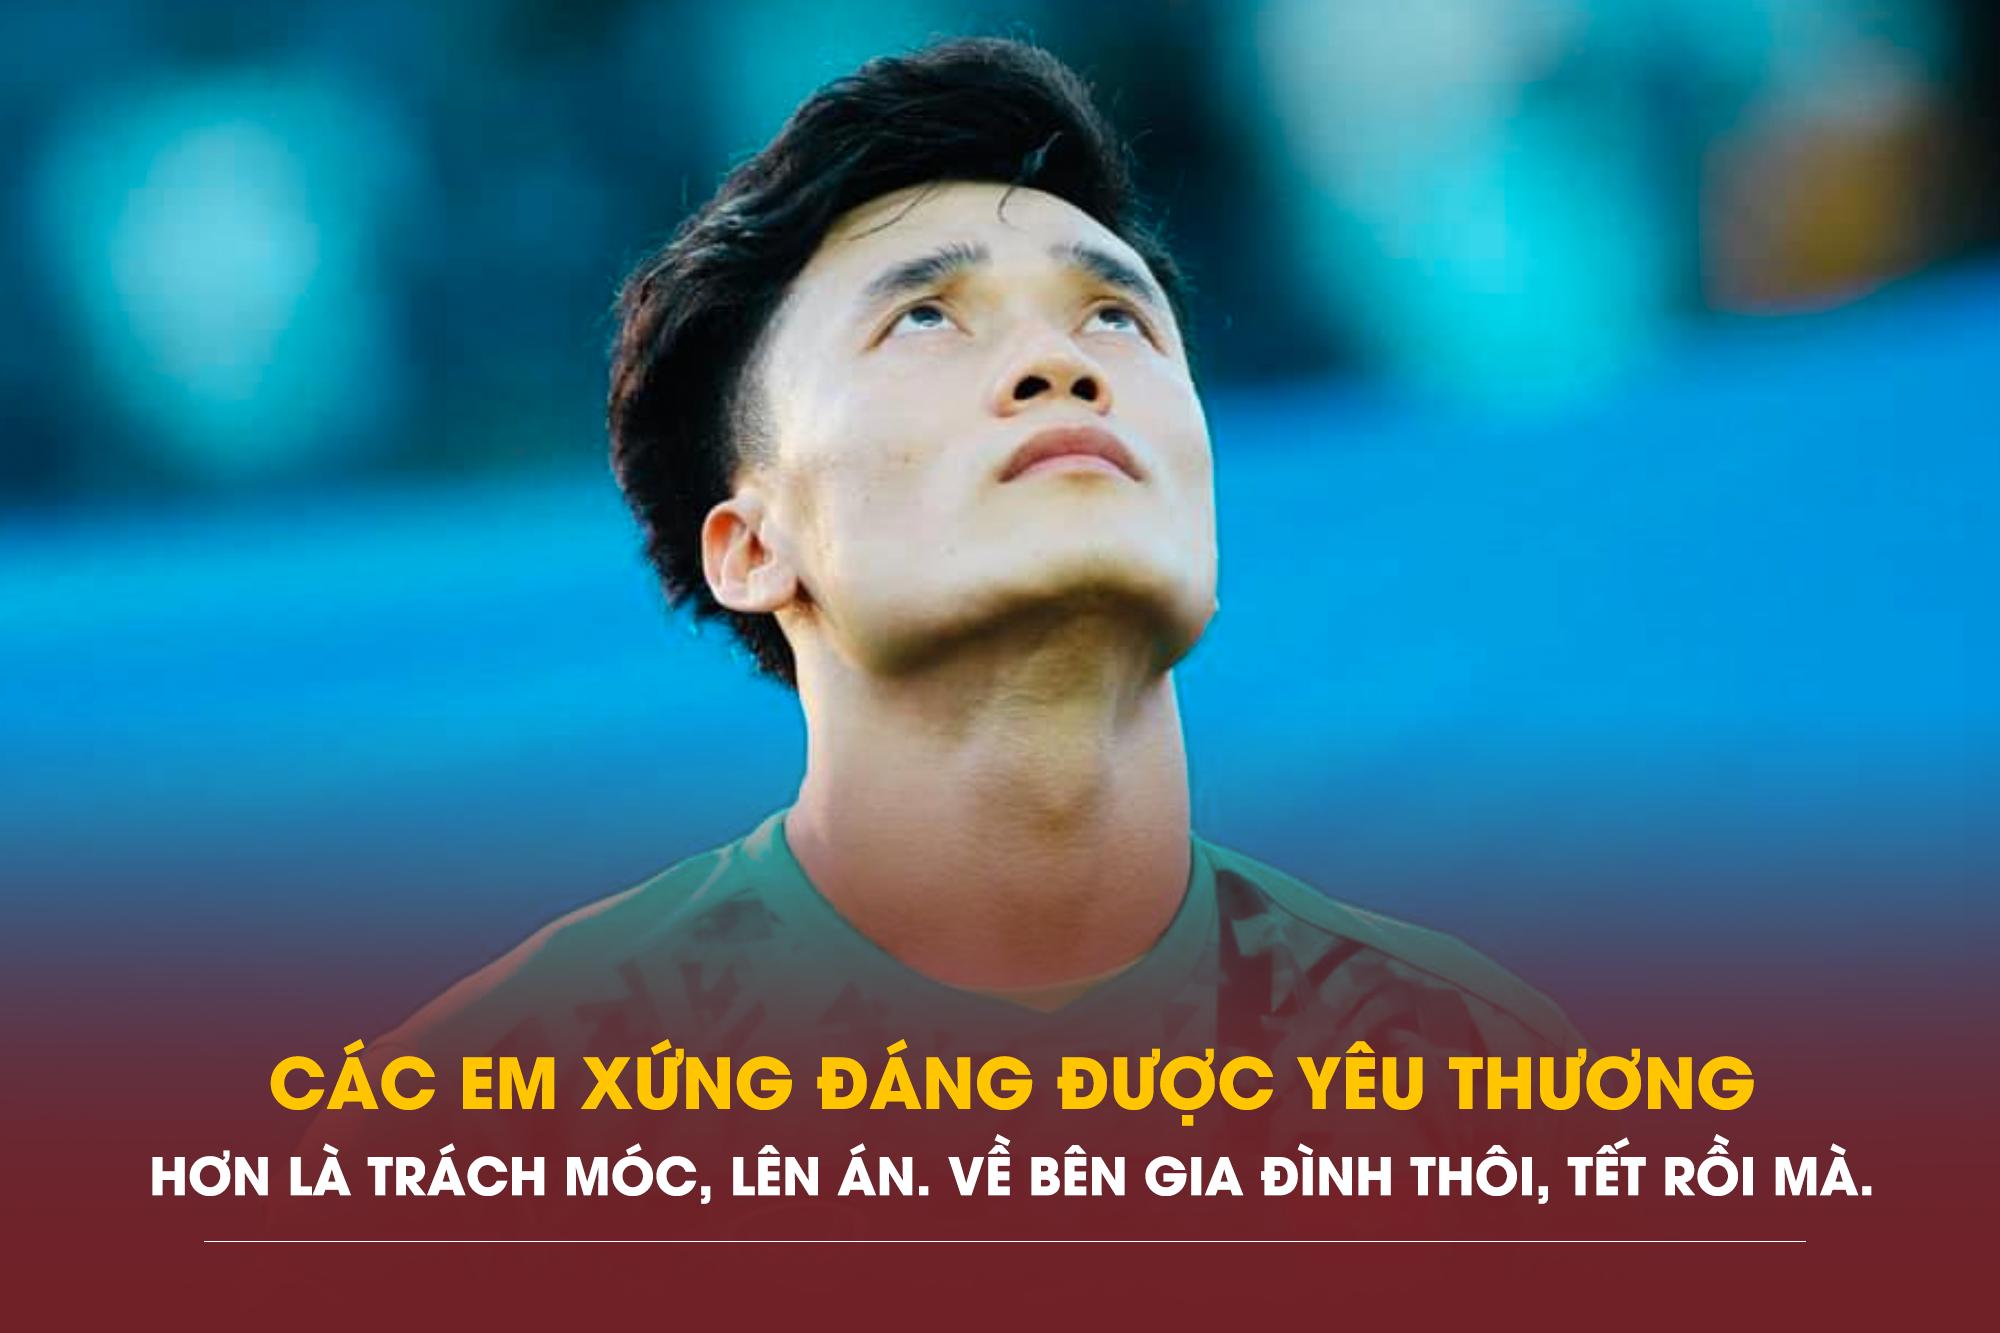 Các em – những 'người hùng' của Việt Nam xứng đáng được yêu thương, che chở, đùm bọc hơn là trách móc, lên án, bởi chúng ta là một gia đình, một dân tộc mà. Về bên gia đình thôi, Tết đến rồi!